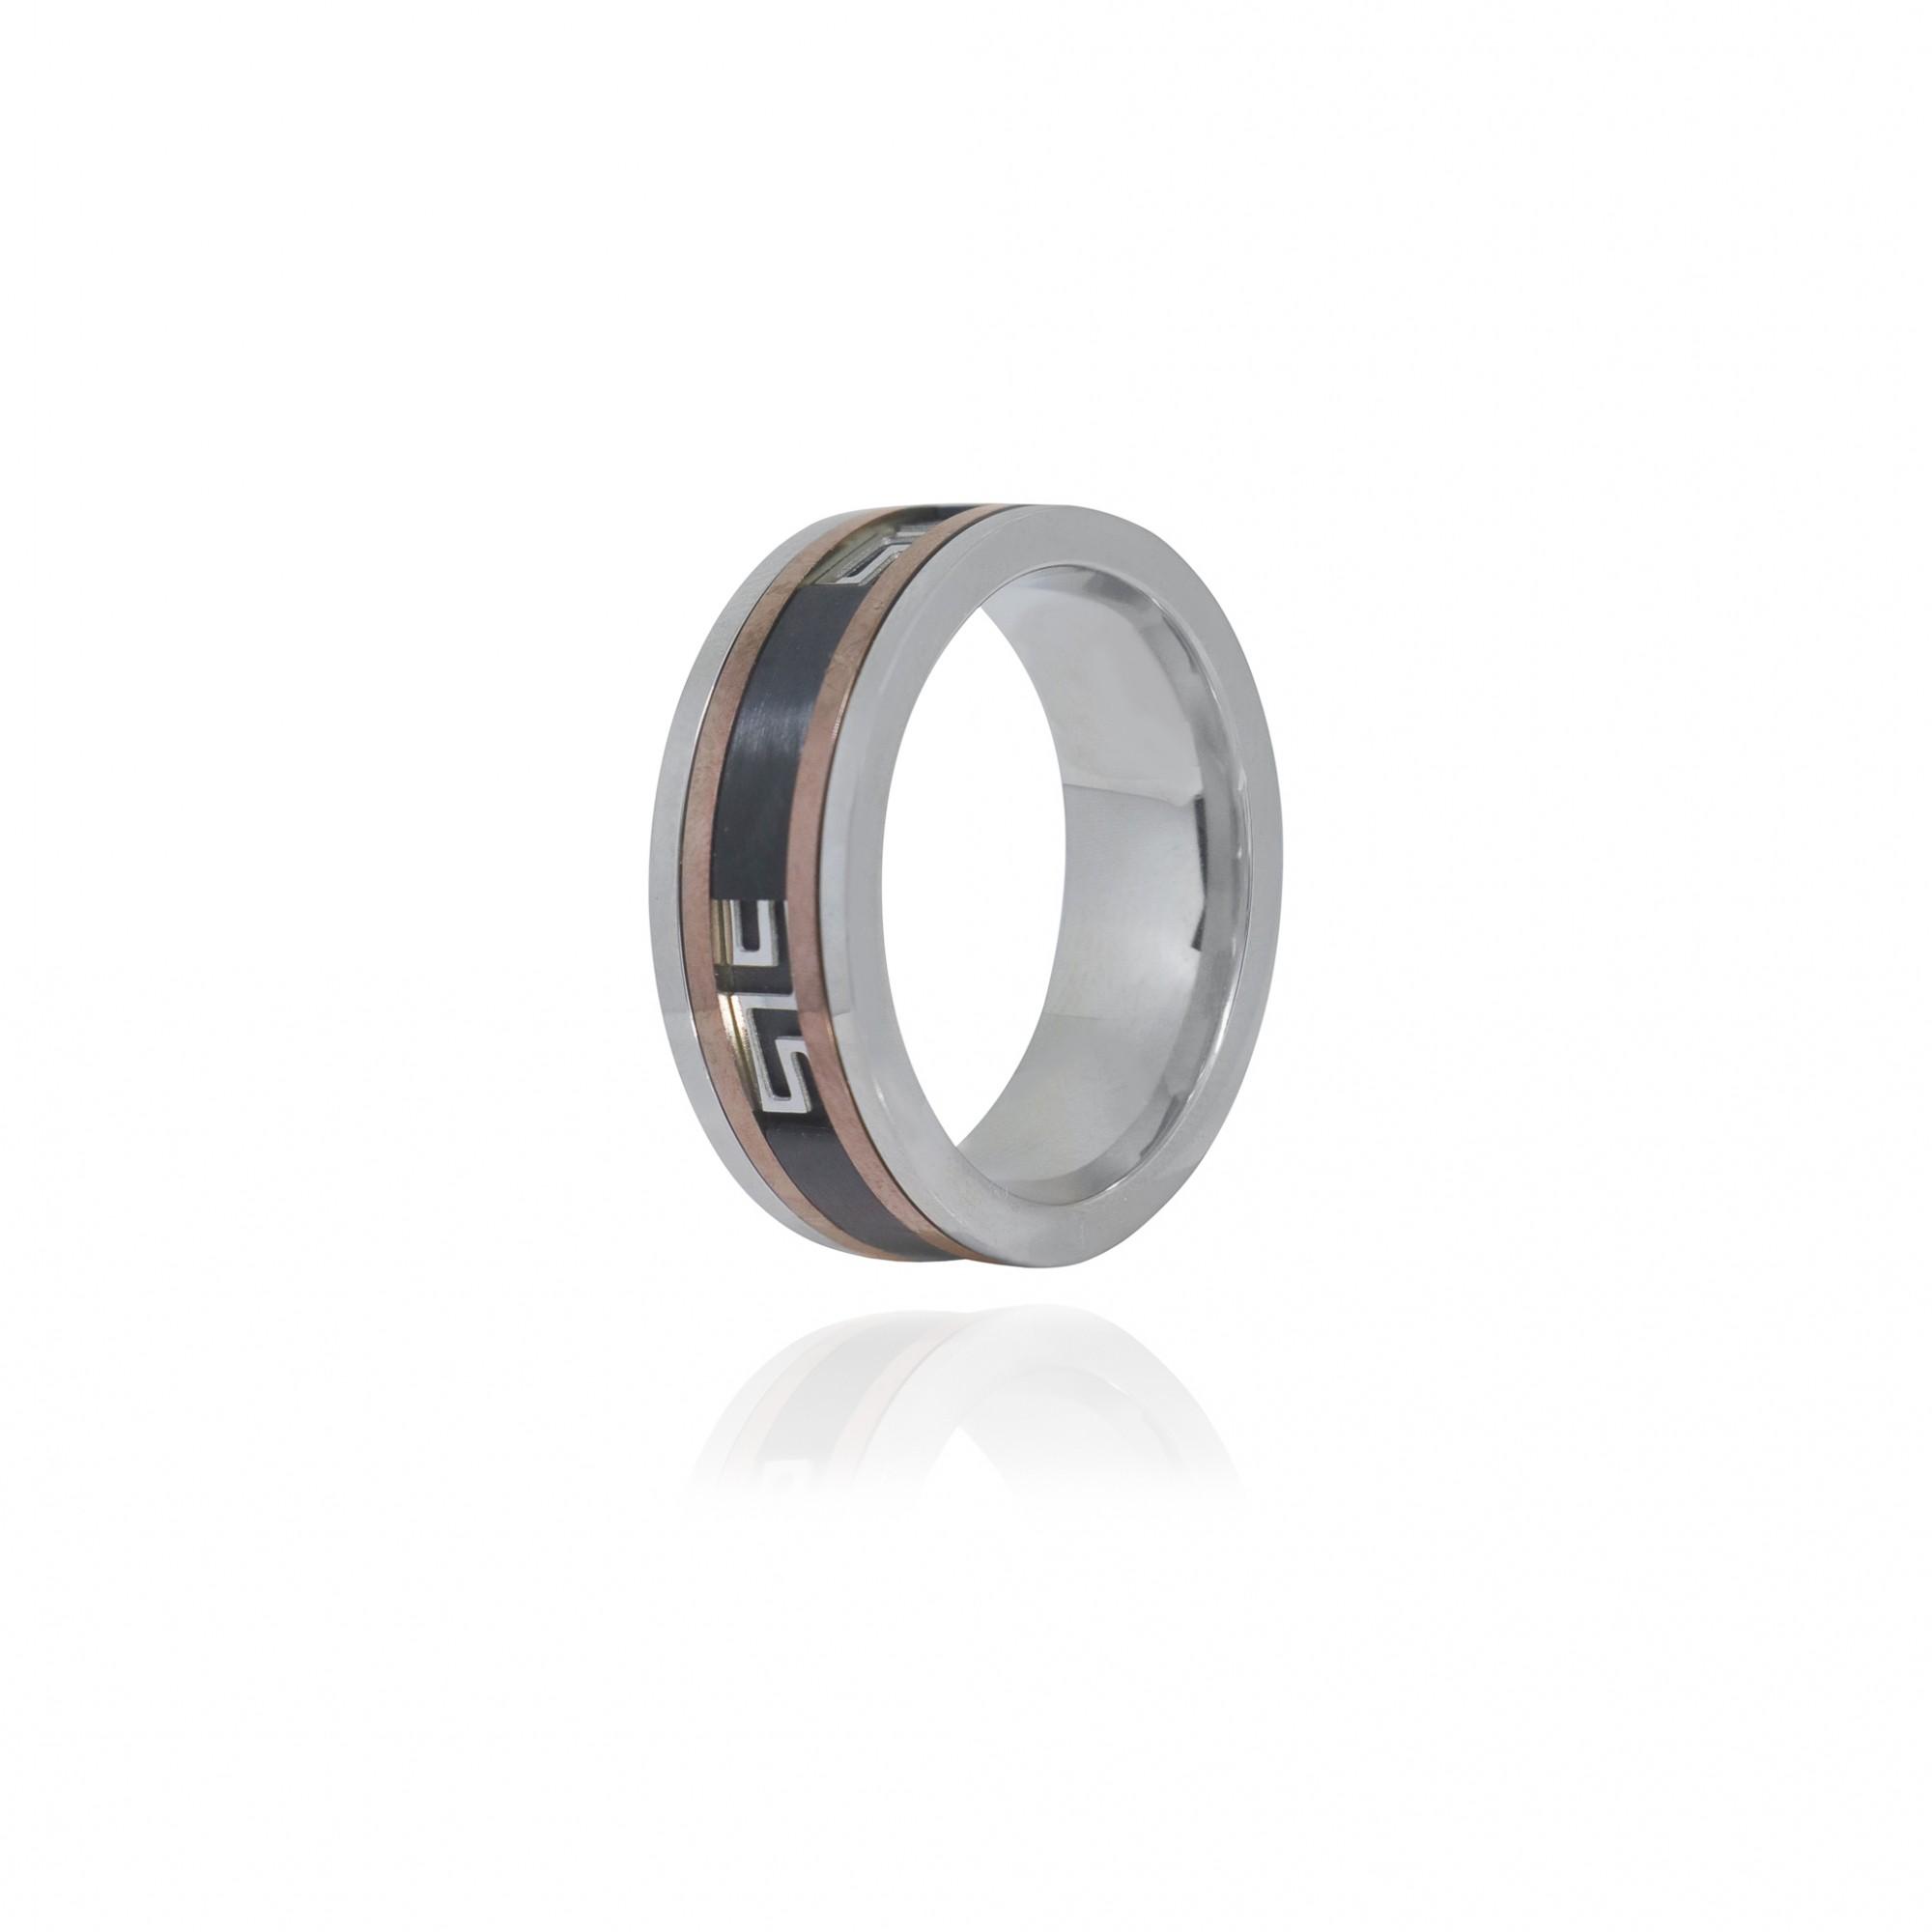 Aliança ou anel de aço inox giratório desenhos geométricos